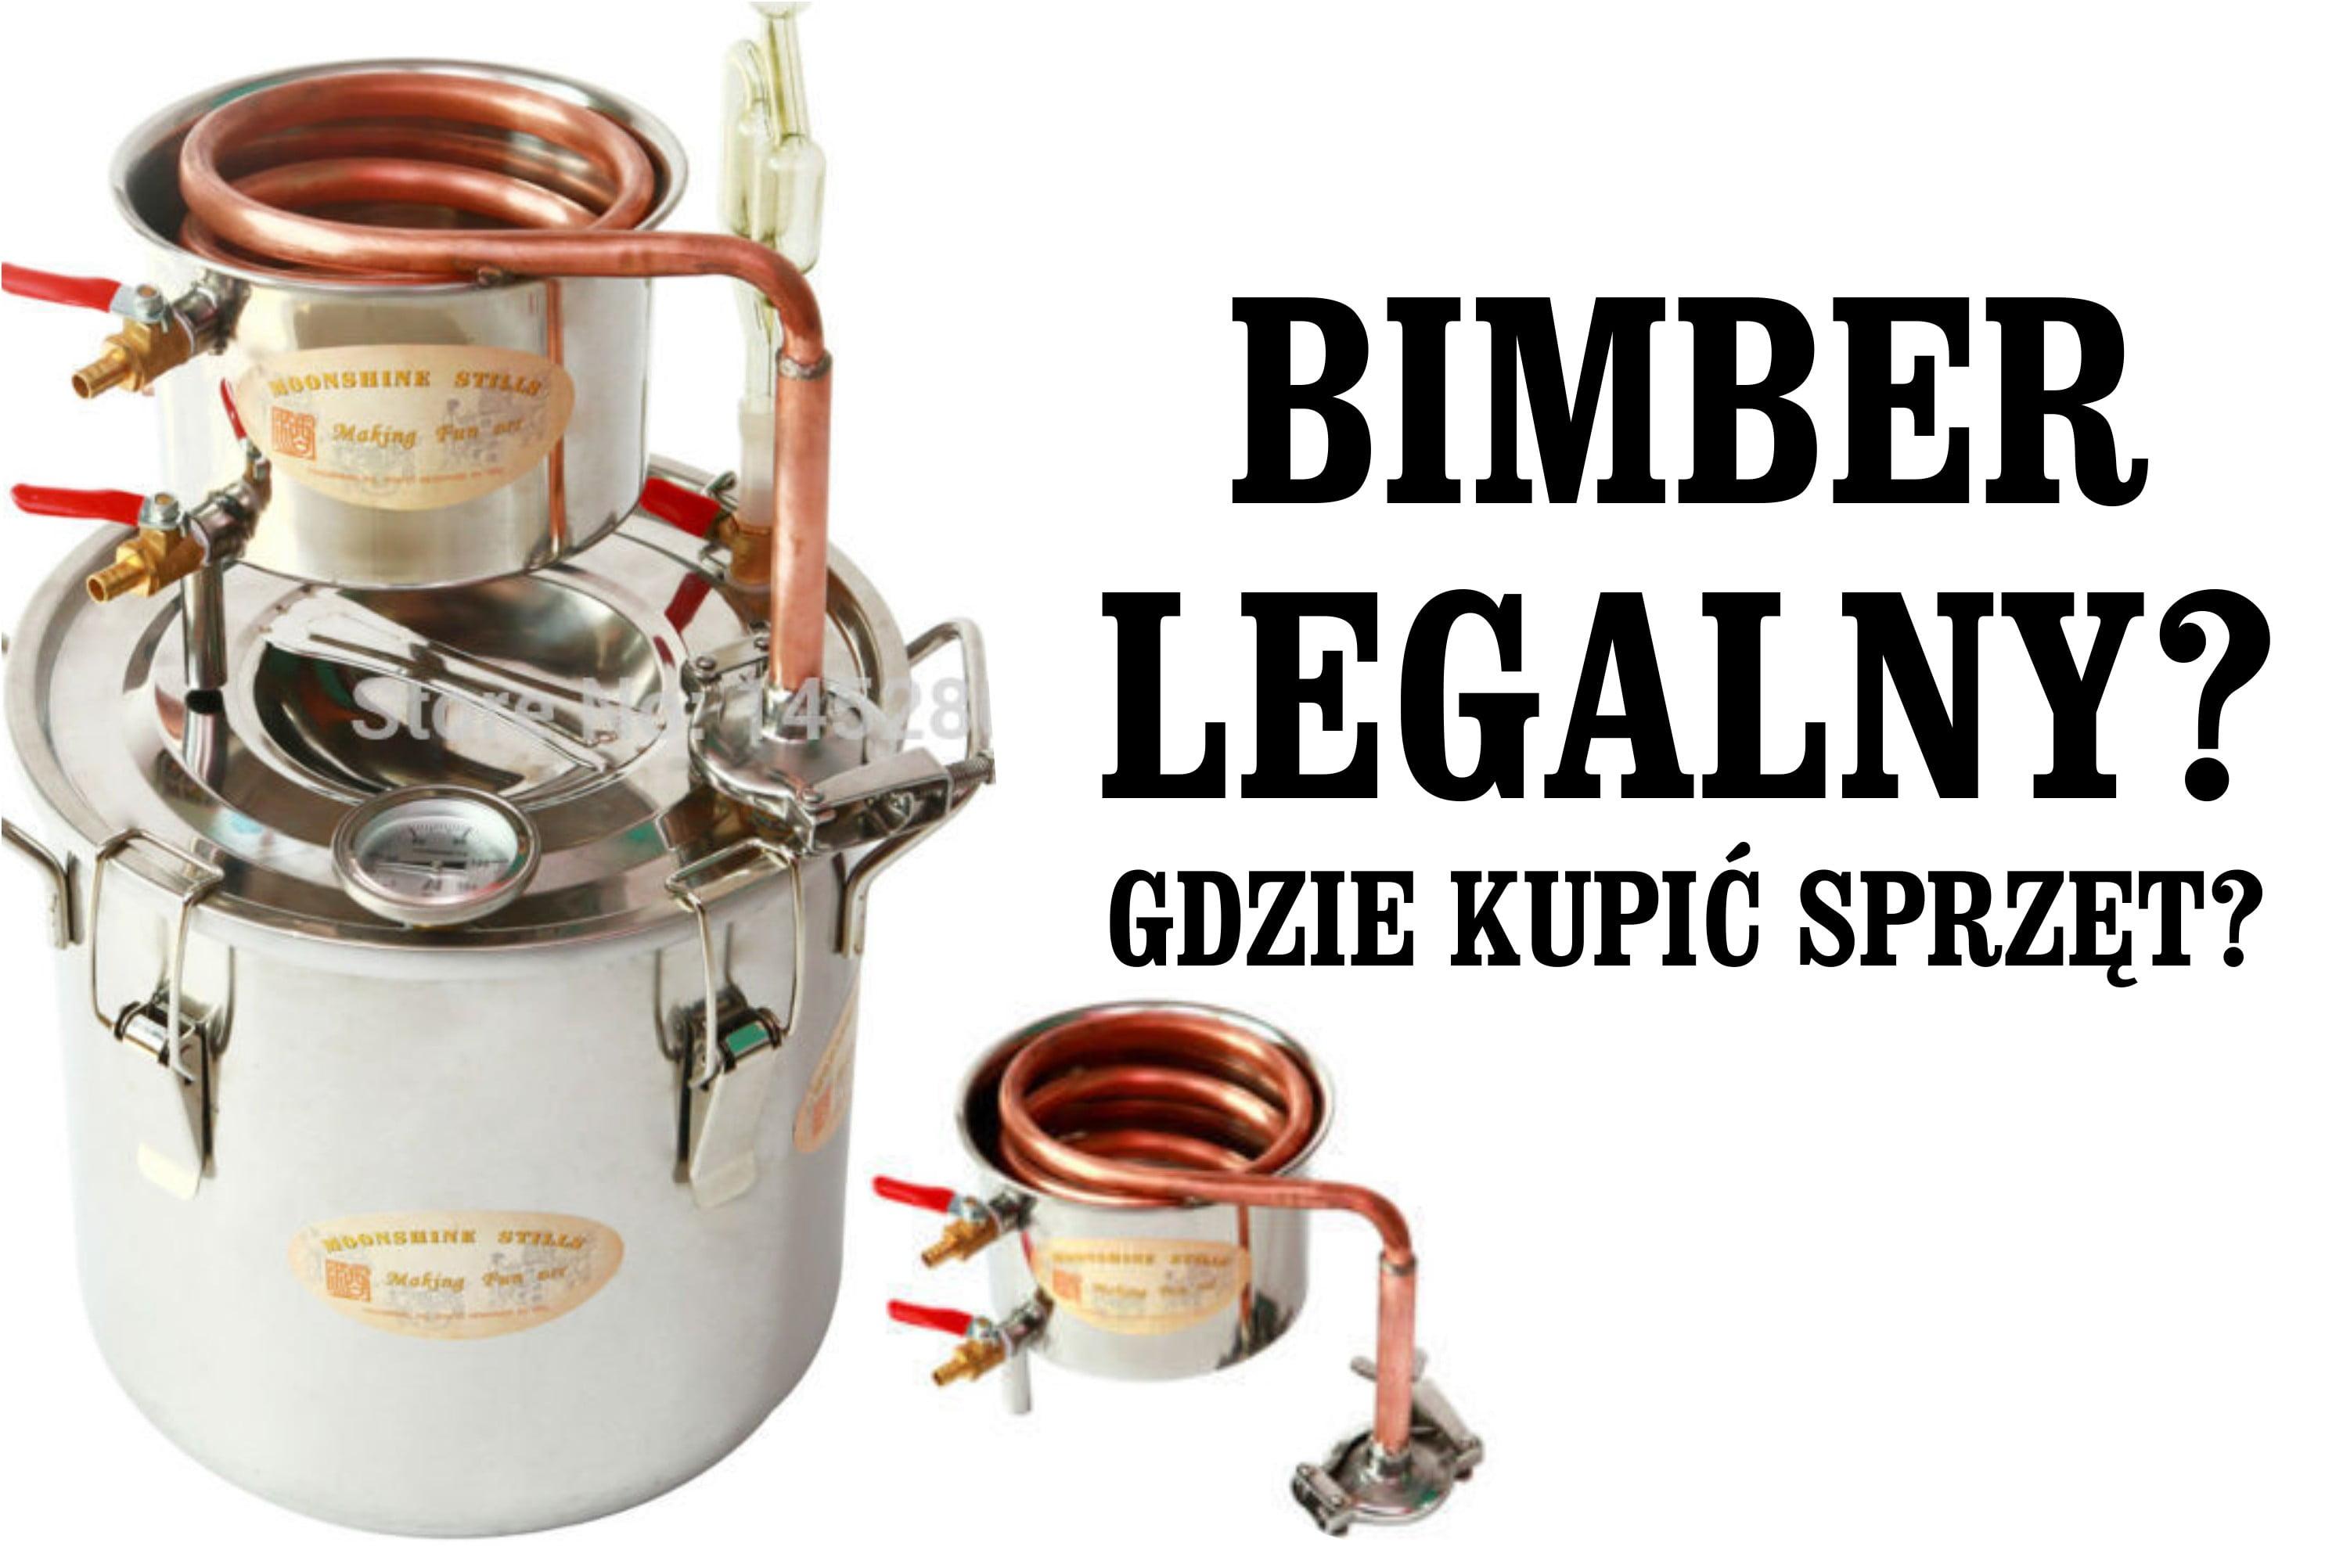 bimber legalny